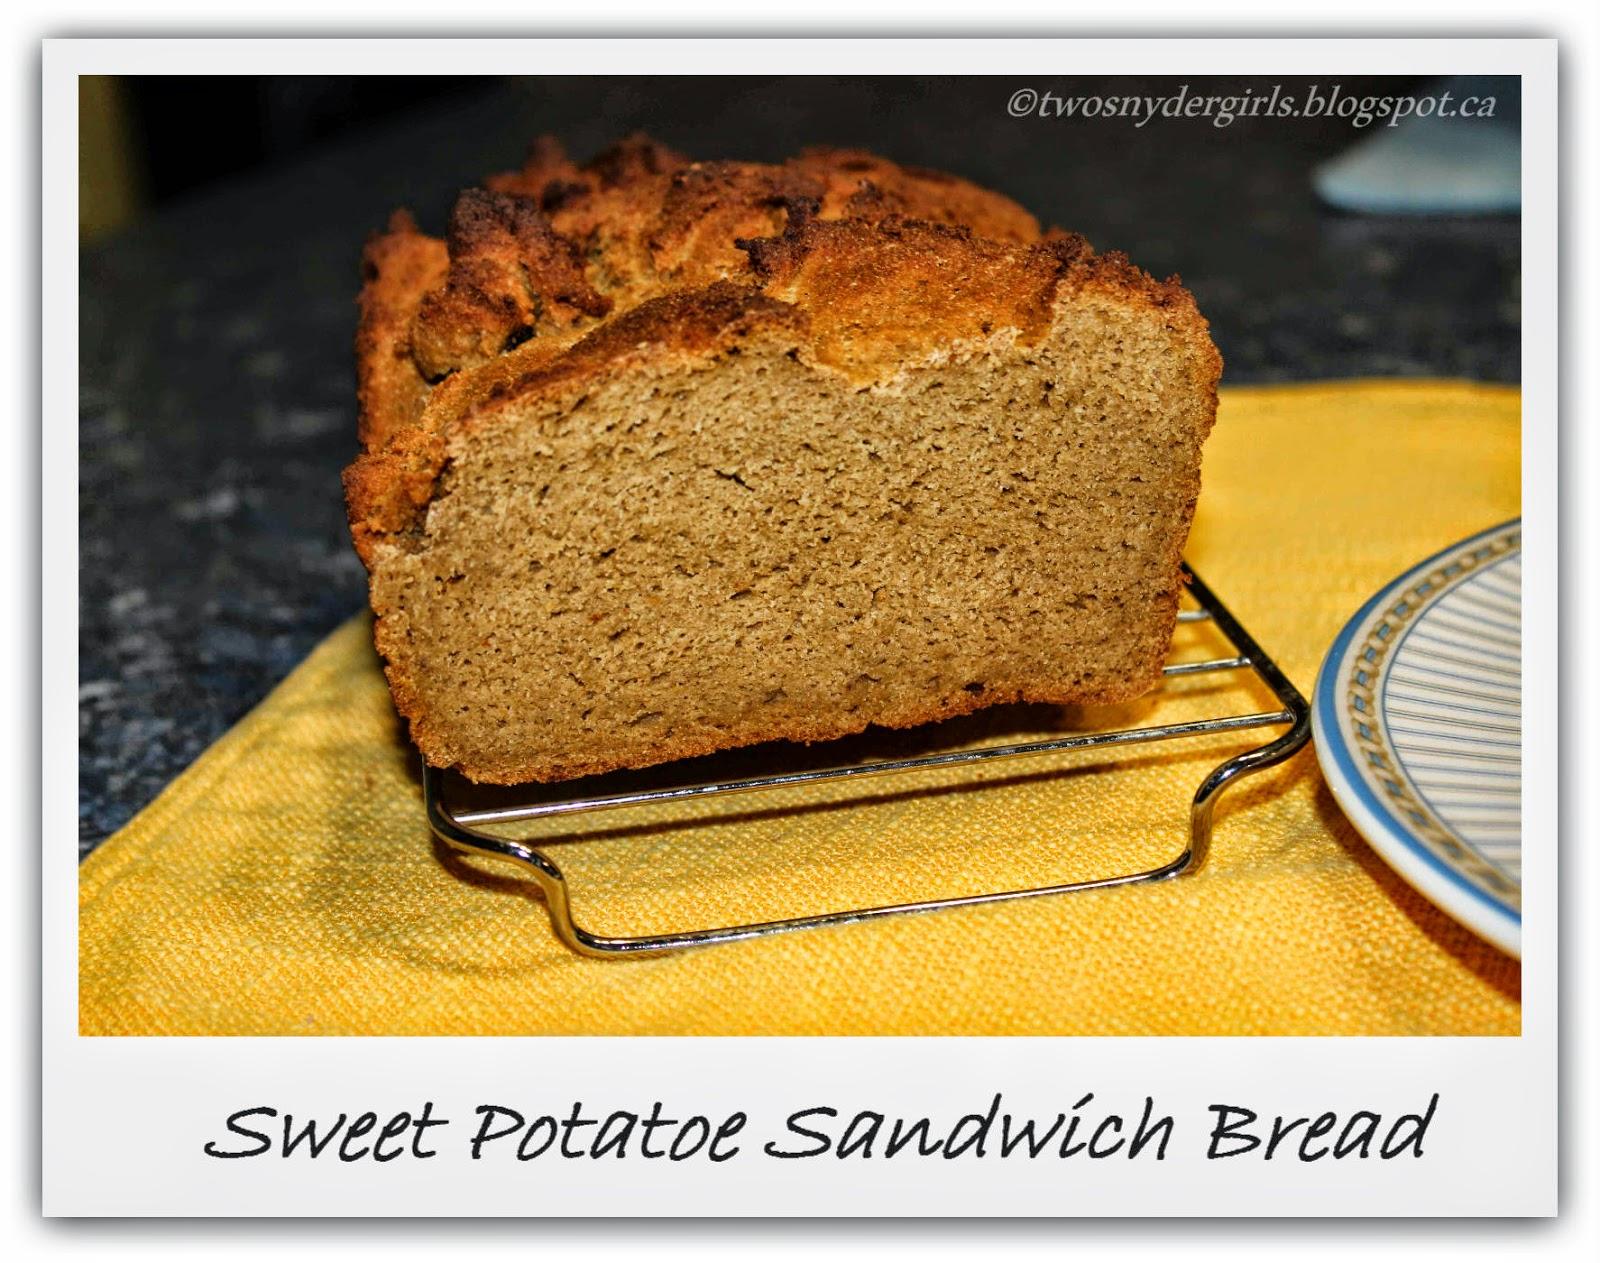 Sweet Potatoe Sandwich Bread Gluten Free